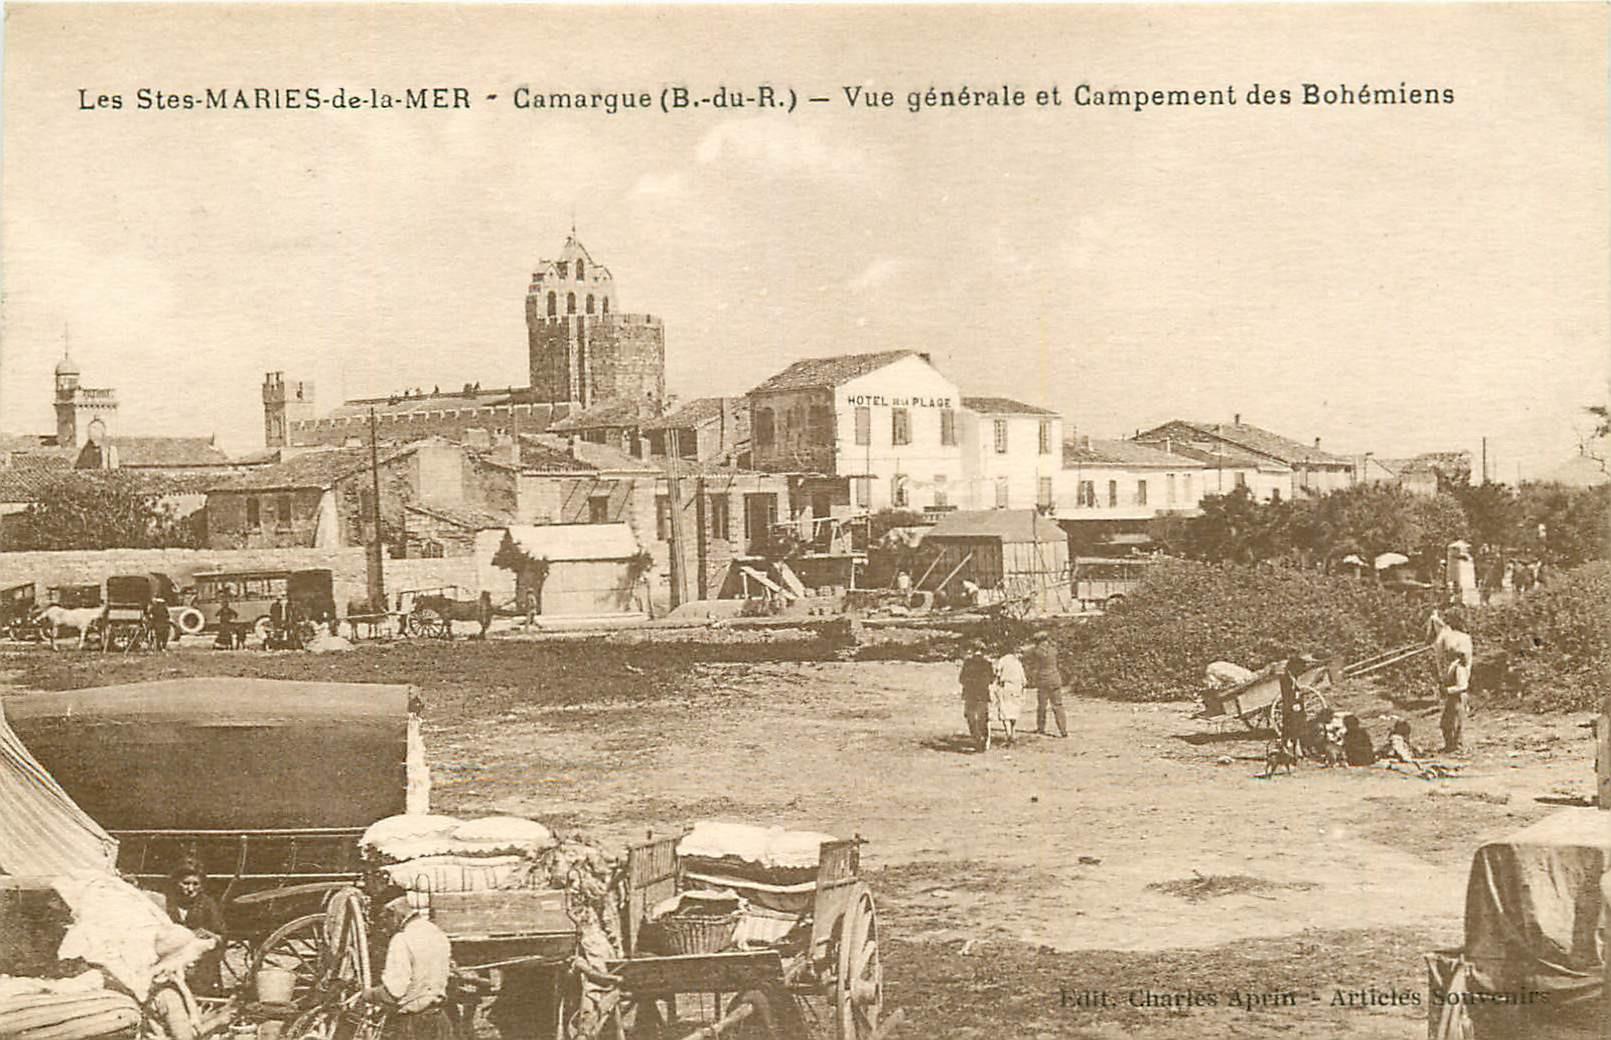 WW 13 LES SAINTES-MARIES-DE-LA-MER. Campement de Bohémiens 1930